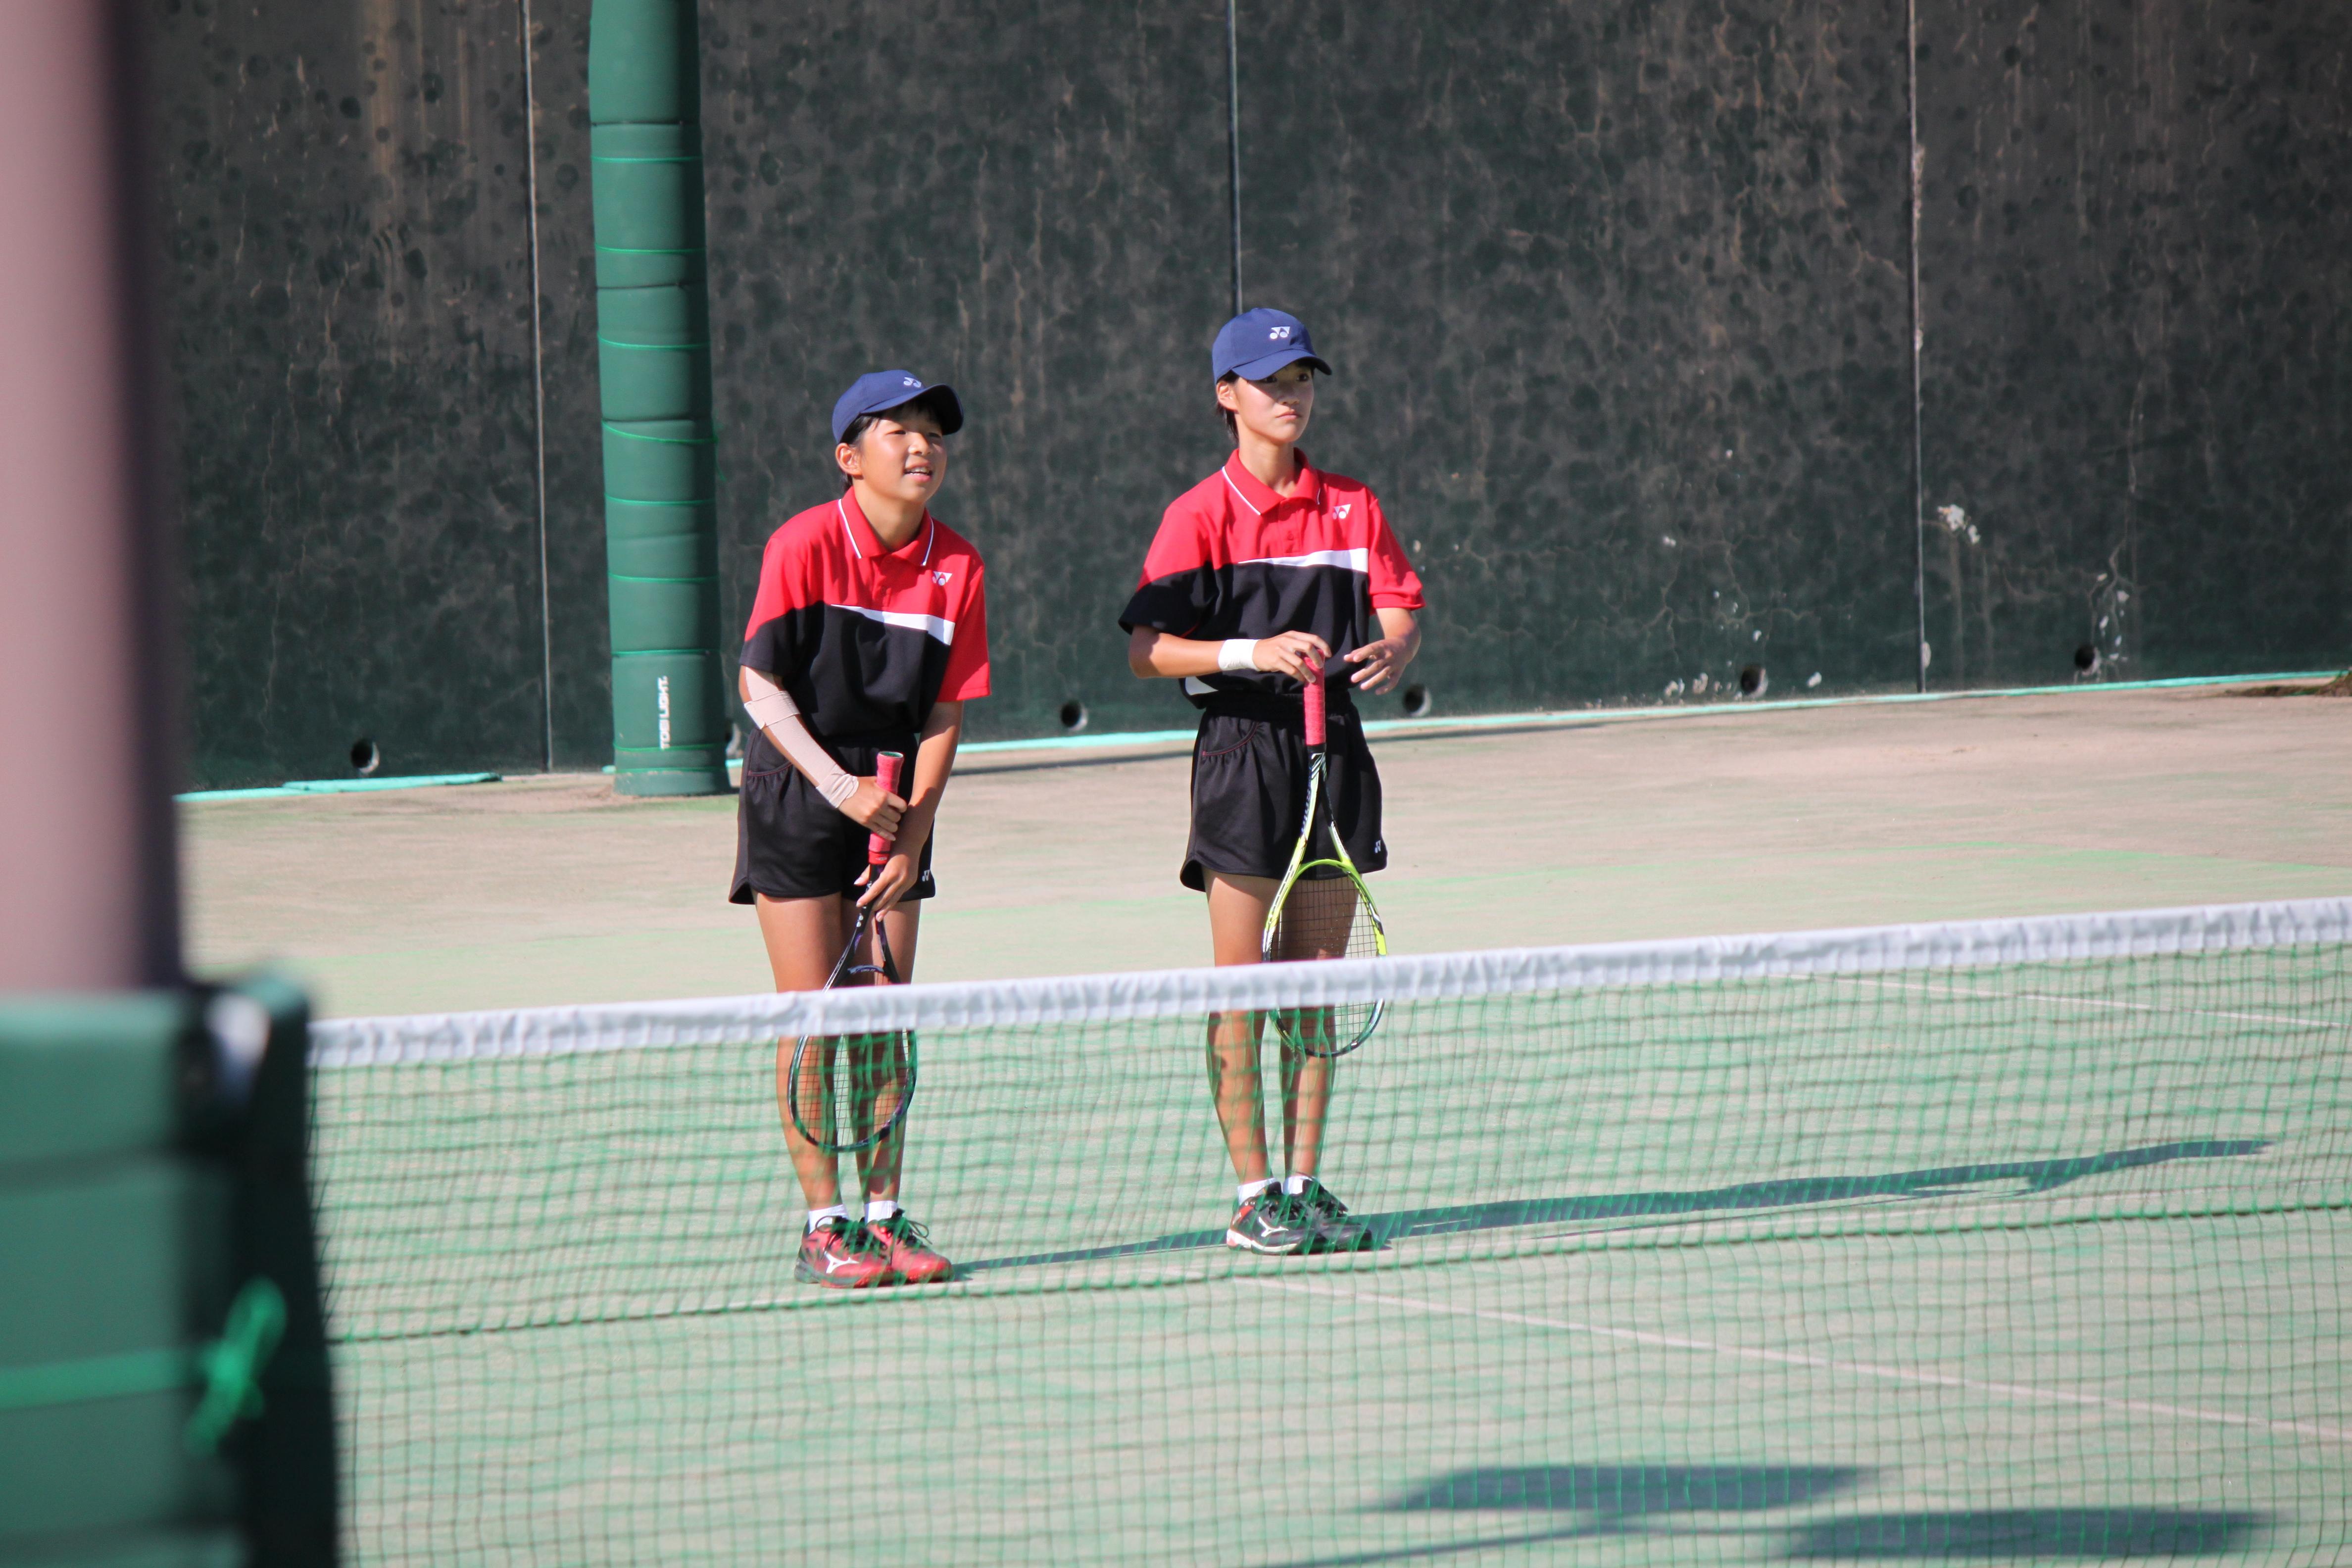 ソフトテニス (684)